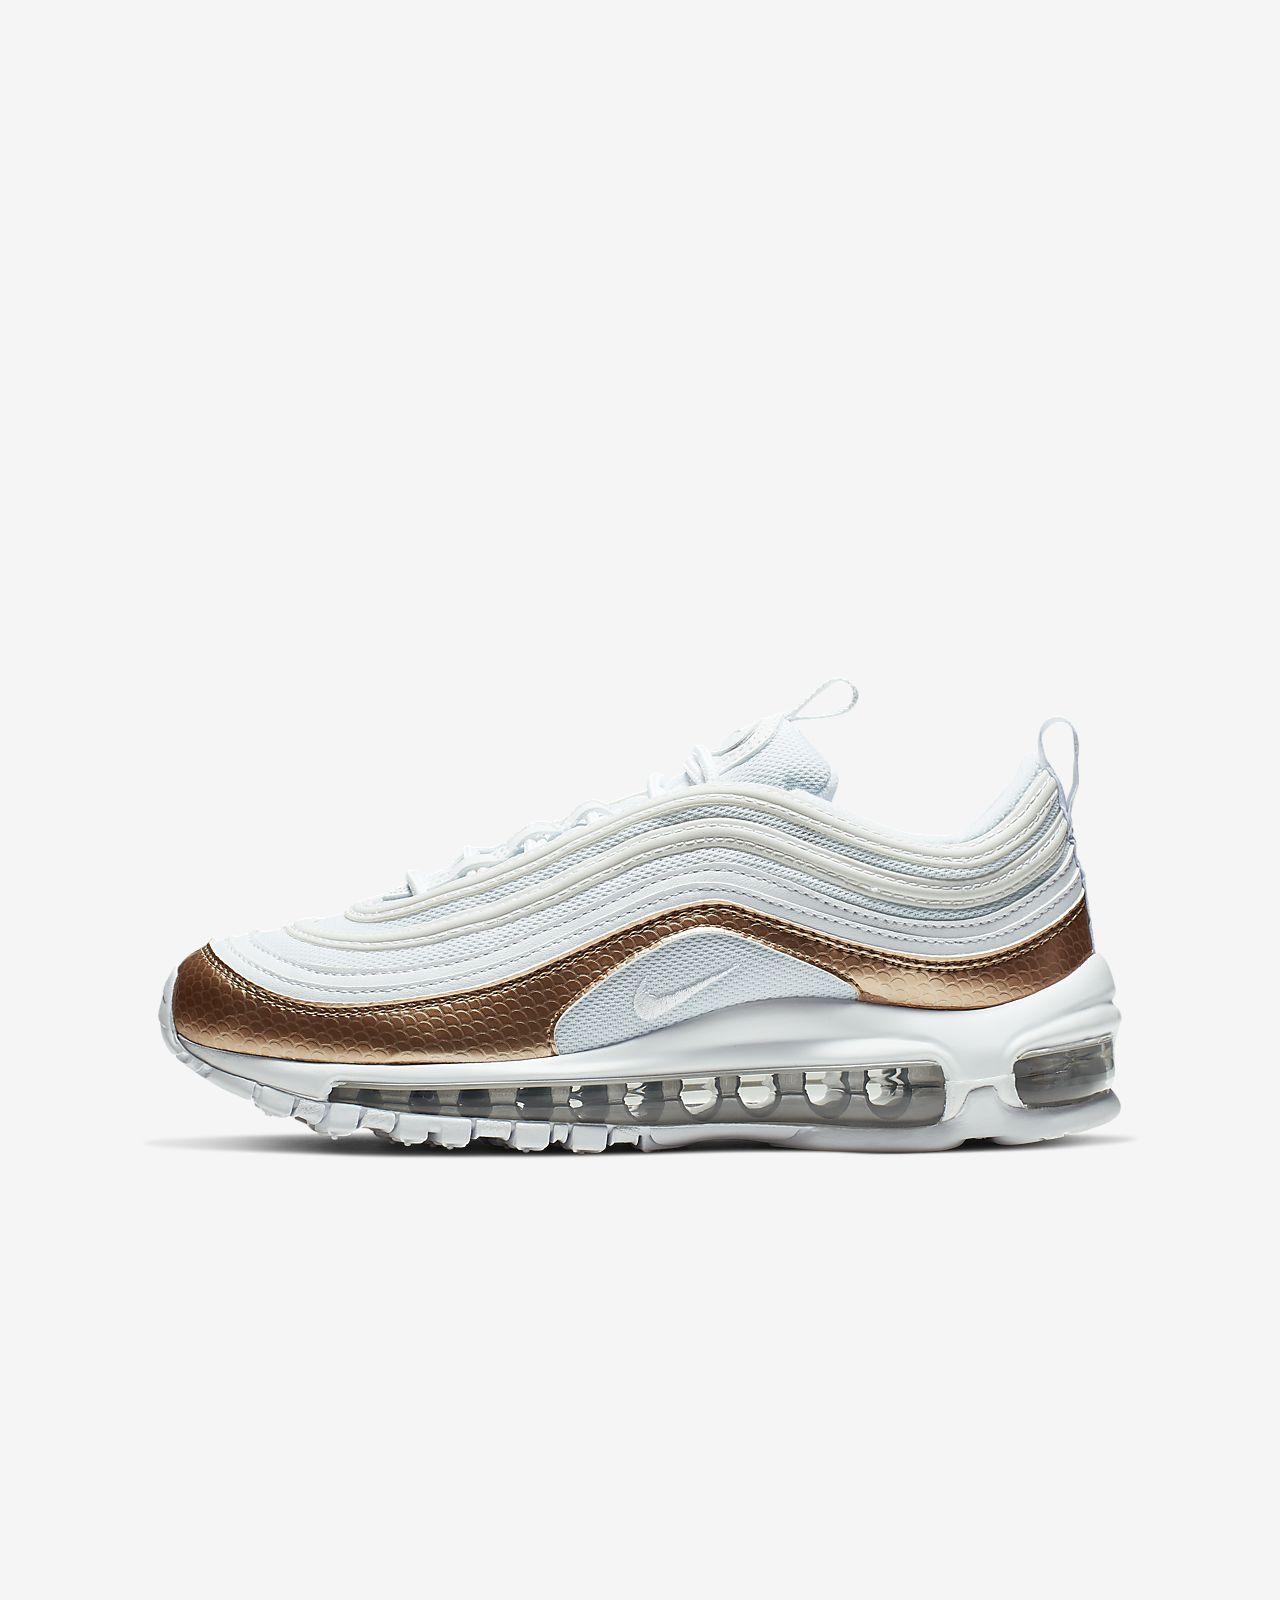 Nike Air Max 97 EP 大童鞋款